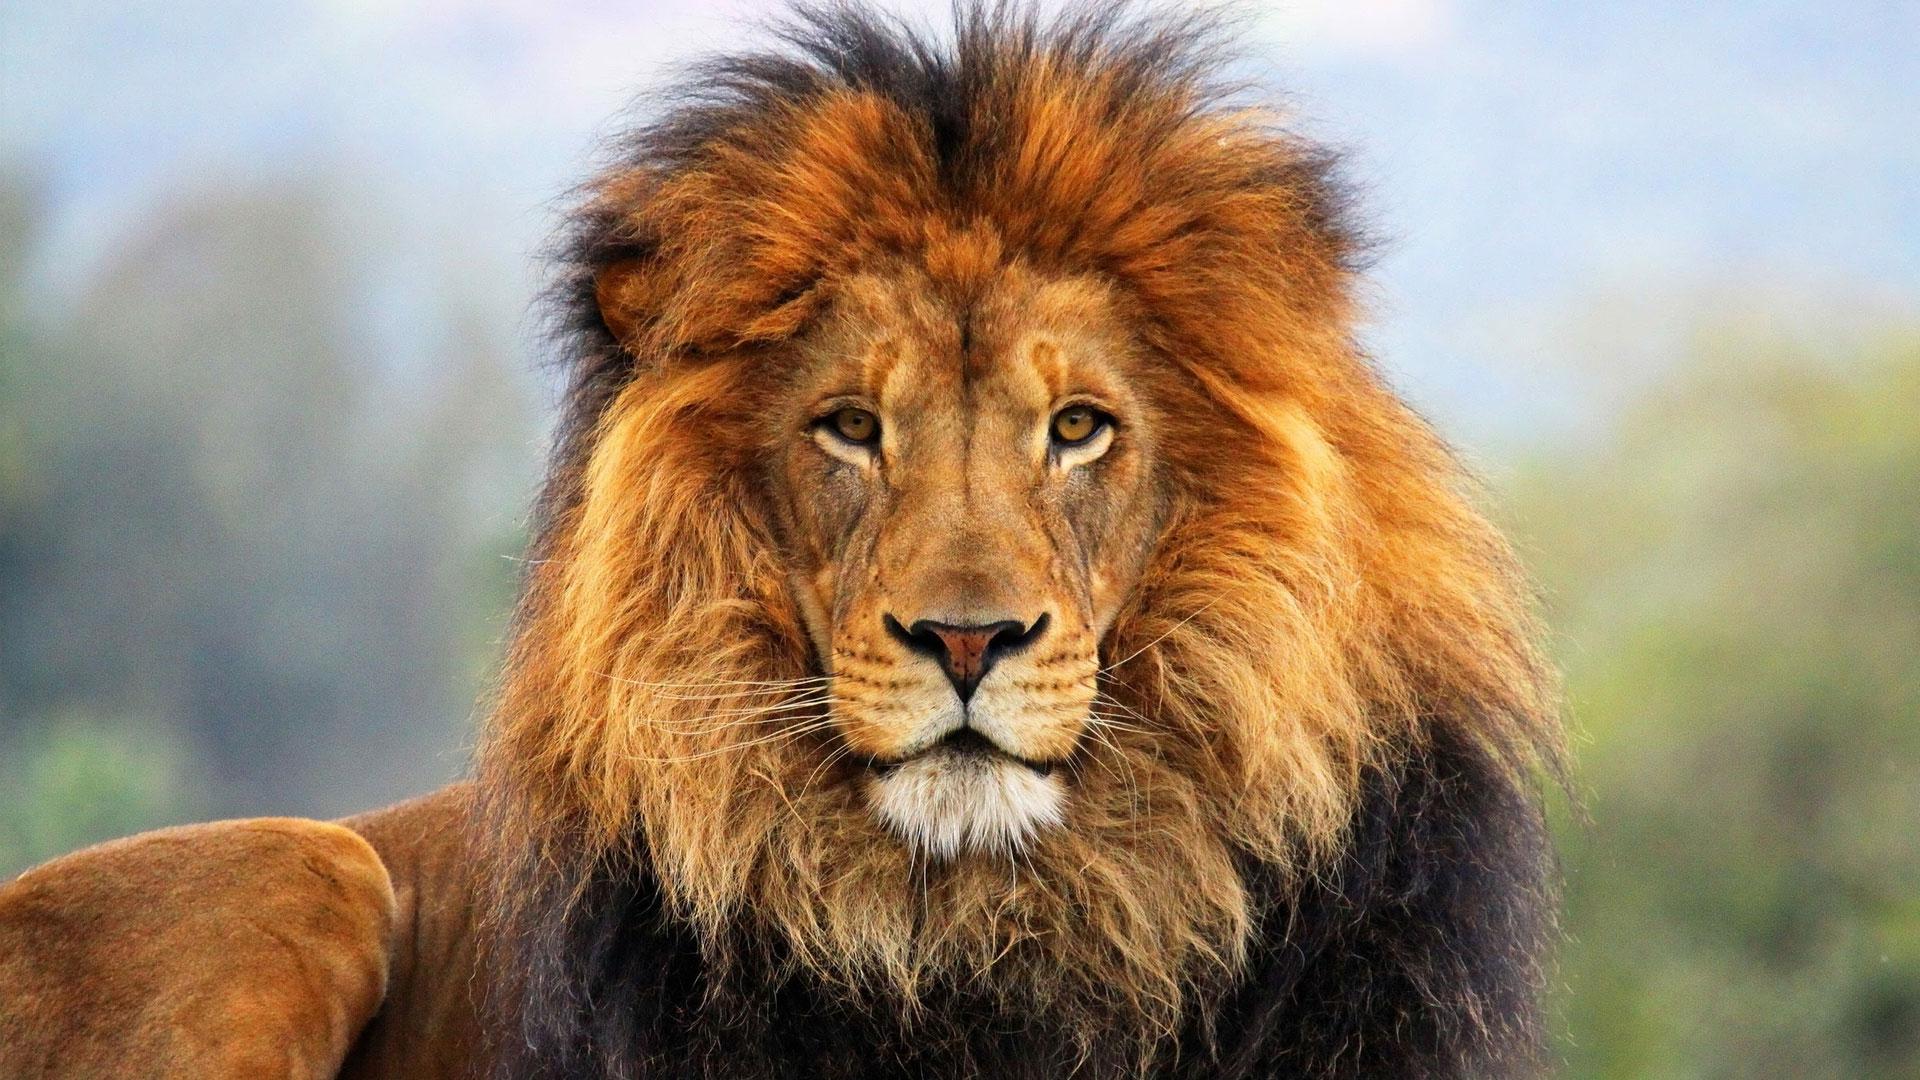 lion wallpaper hd 1080p   Large Images 1920x1080